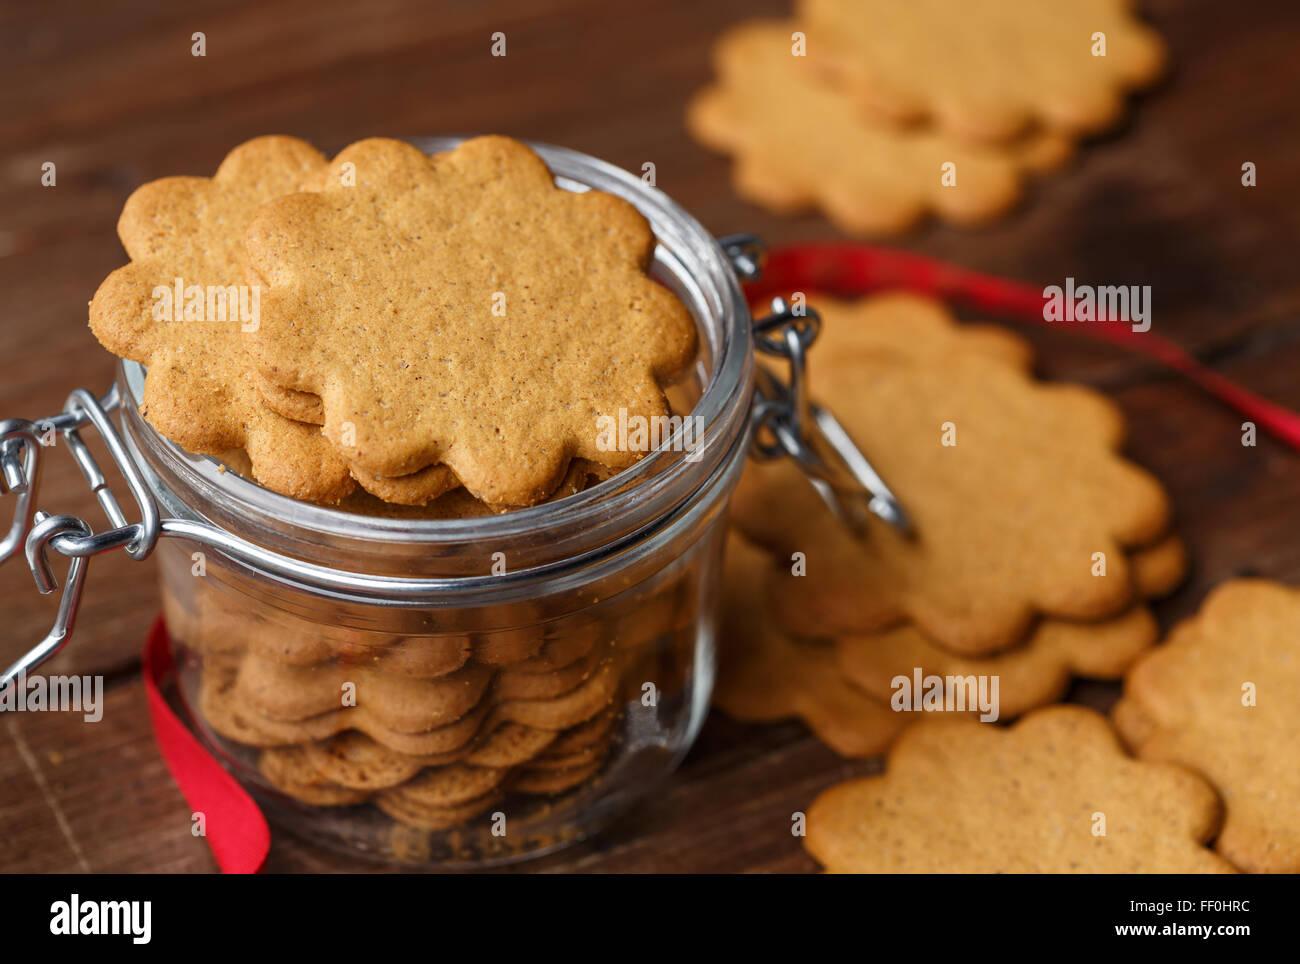 Pepparkakor suédois (Cookies) de gingembre dans un bocal en verre Photo Stock